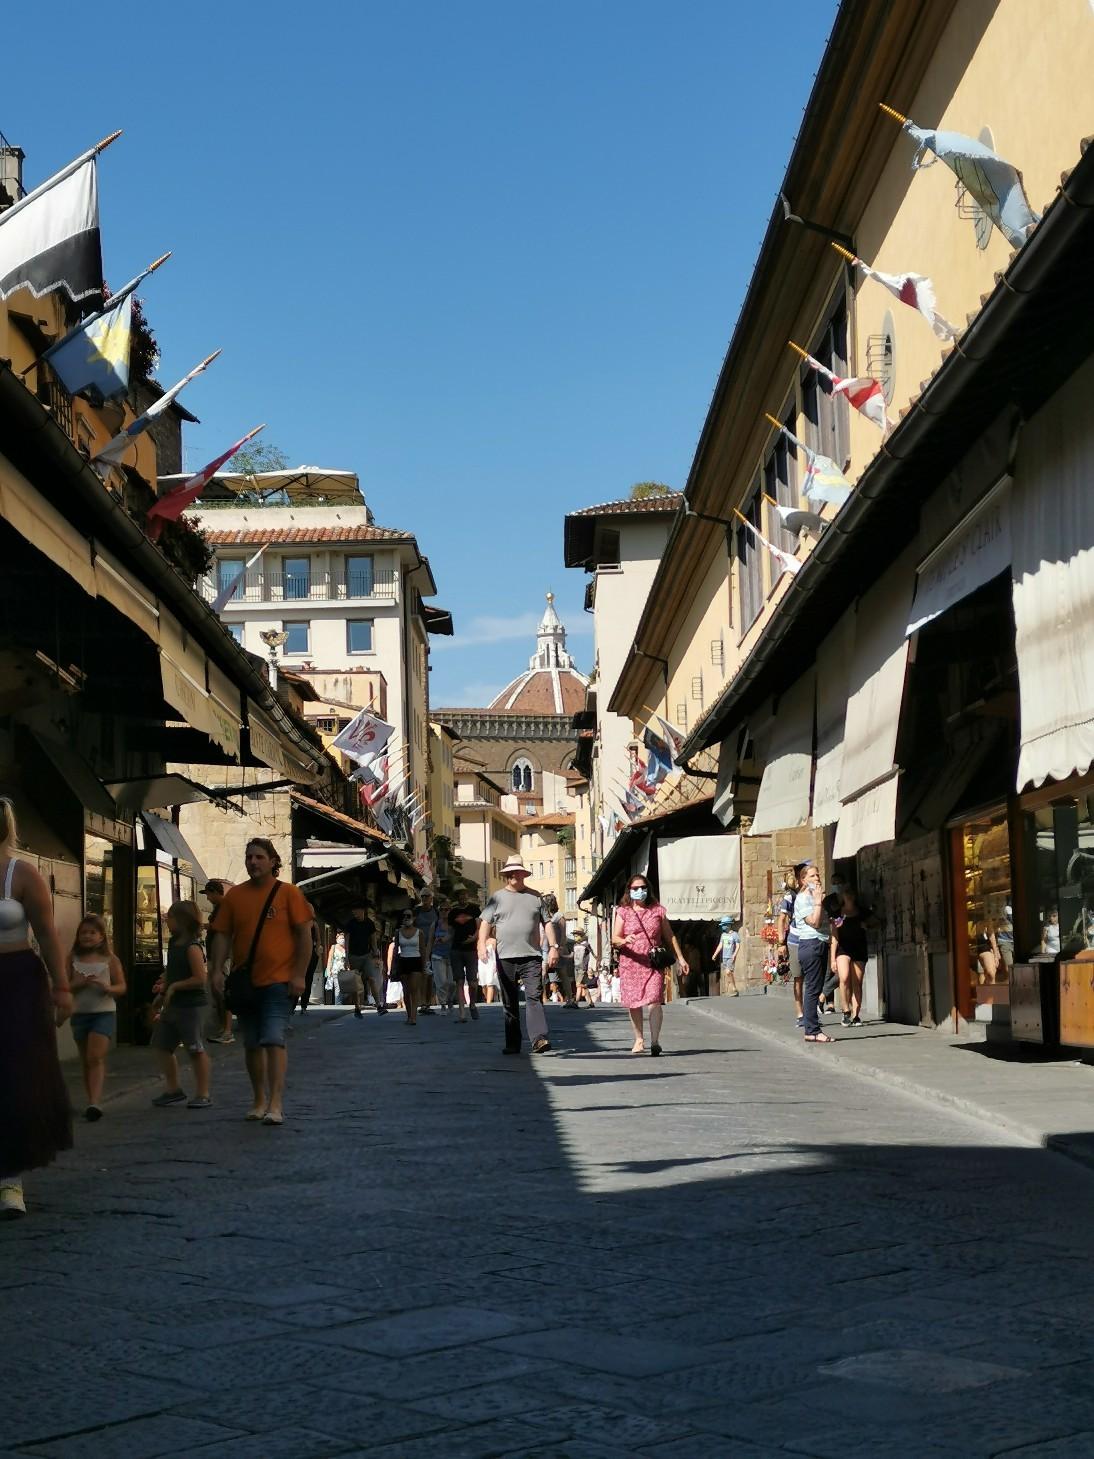 7月のフィレンツェとコロナ対策_f0106597_23413866.jpg